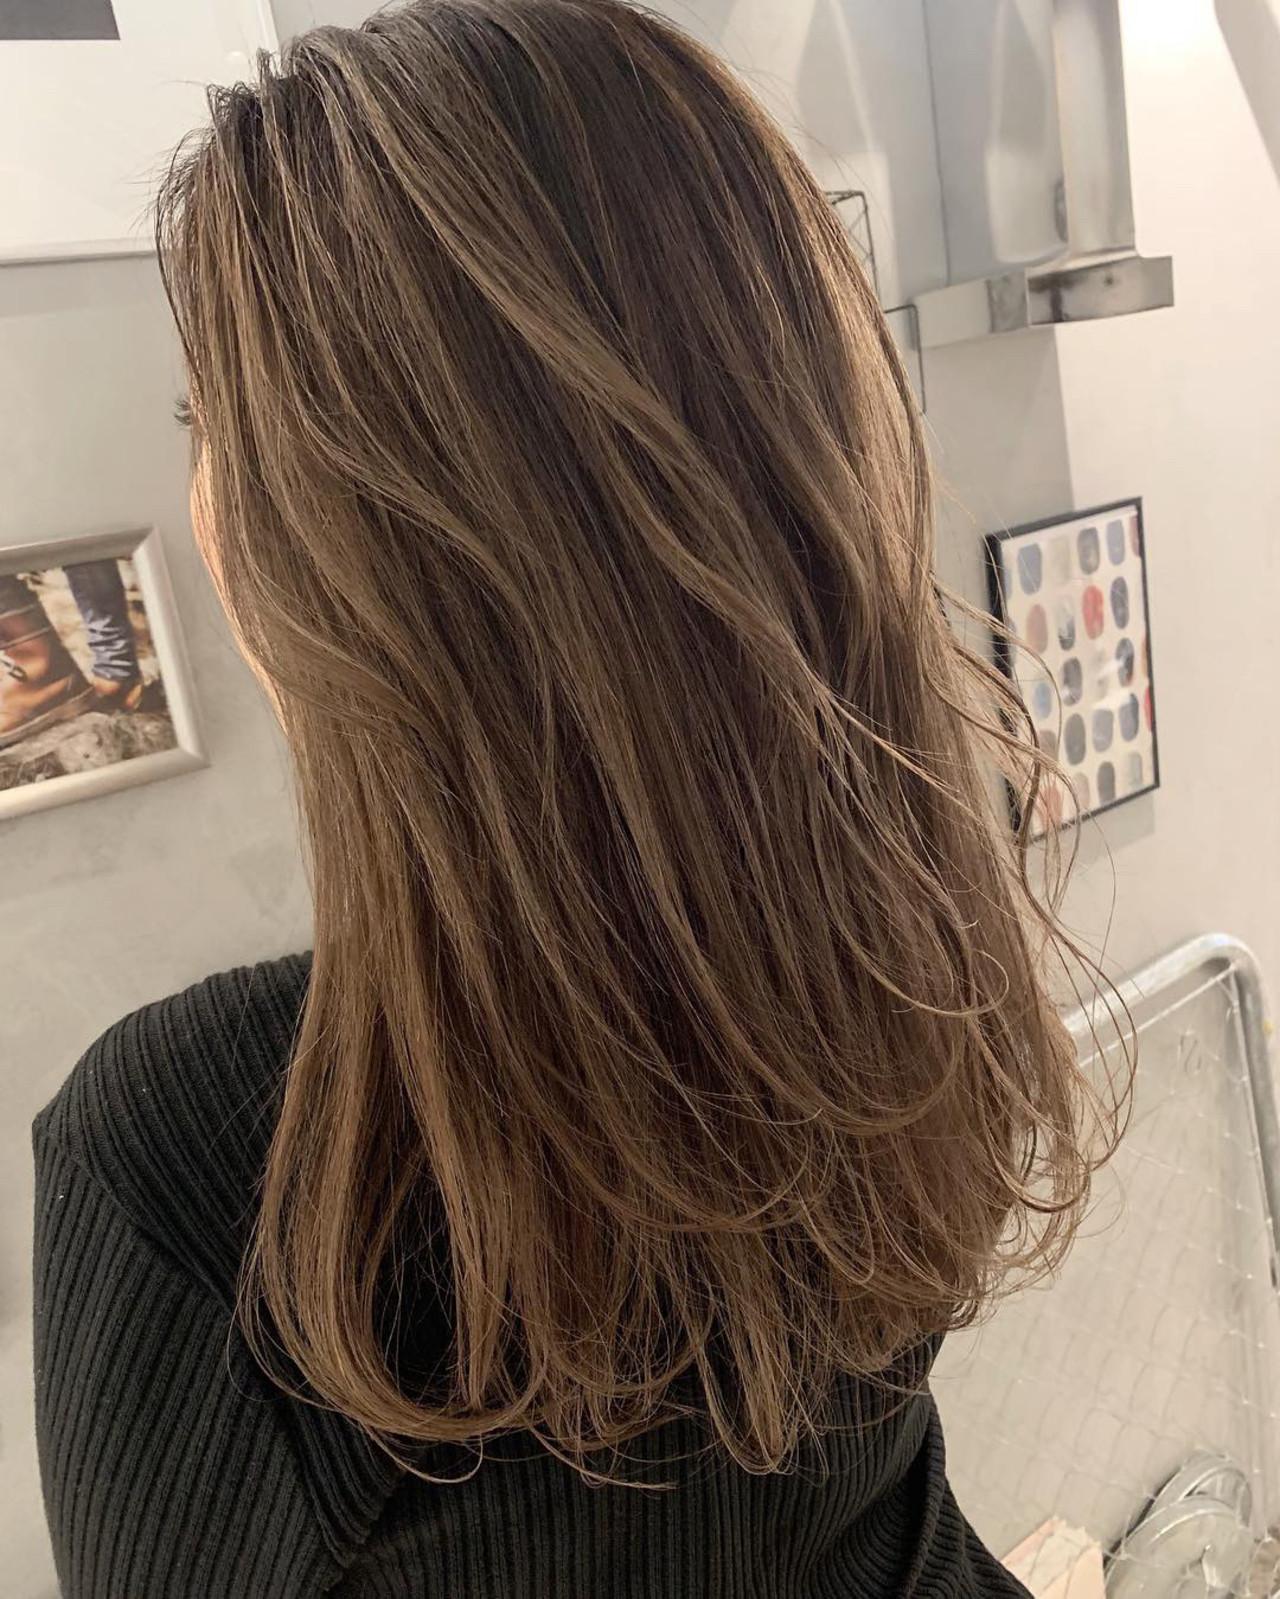 ナチュラル ベージュ ミルクティーベージュ アンニュイほつれヘアヘアスタイルや髪型の写真・画像